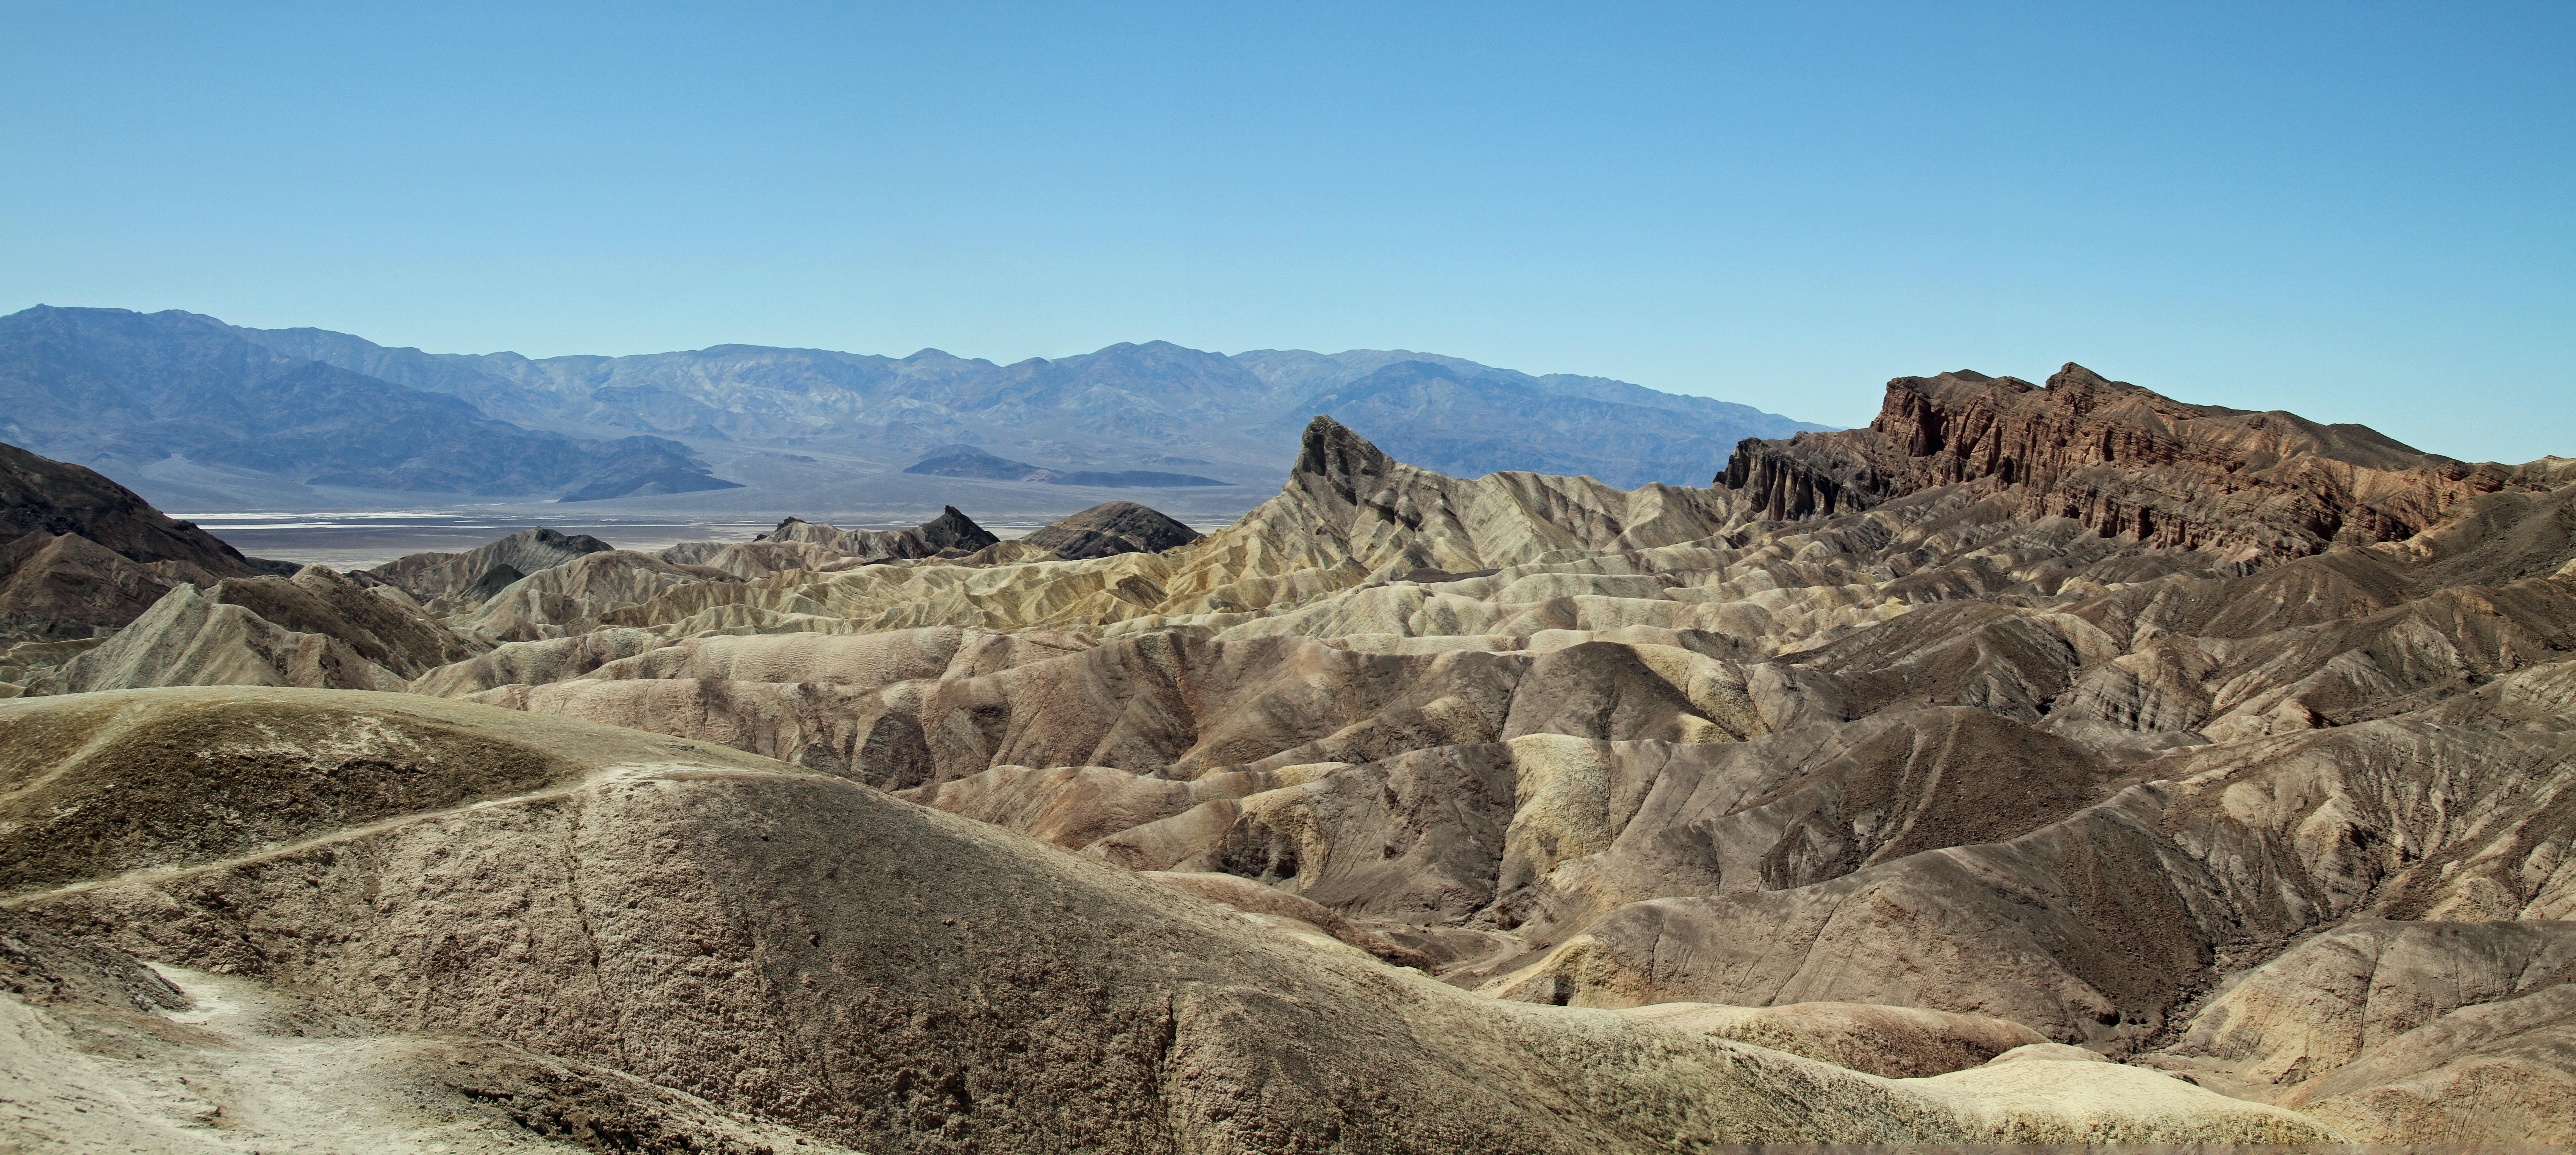 Landscape usa nevada free. Desert clipart rocky desert